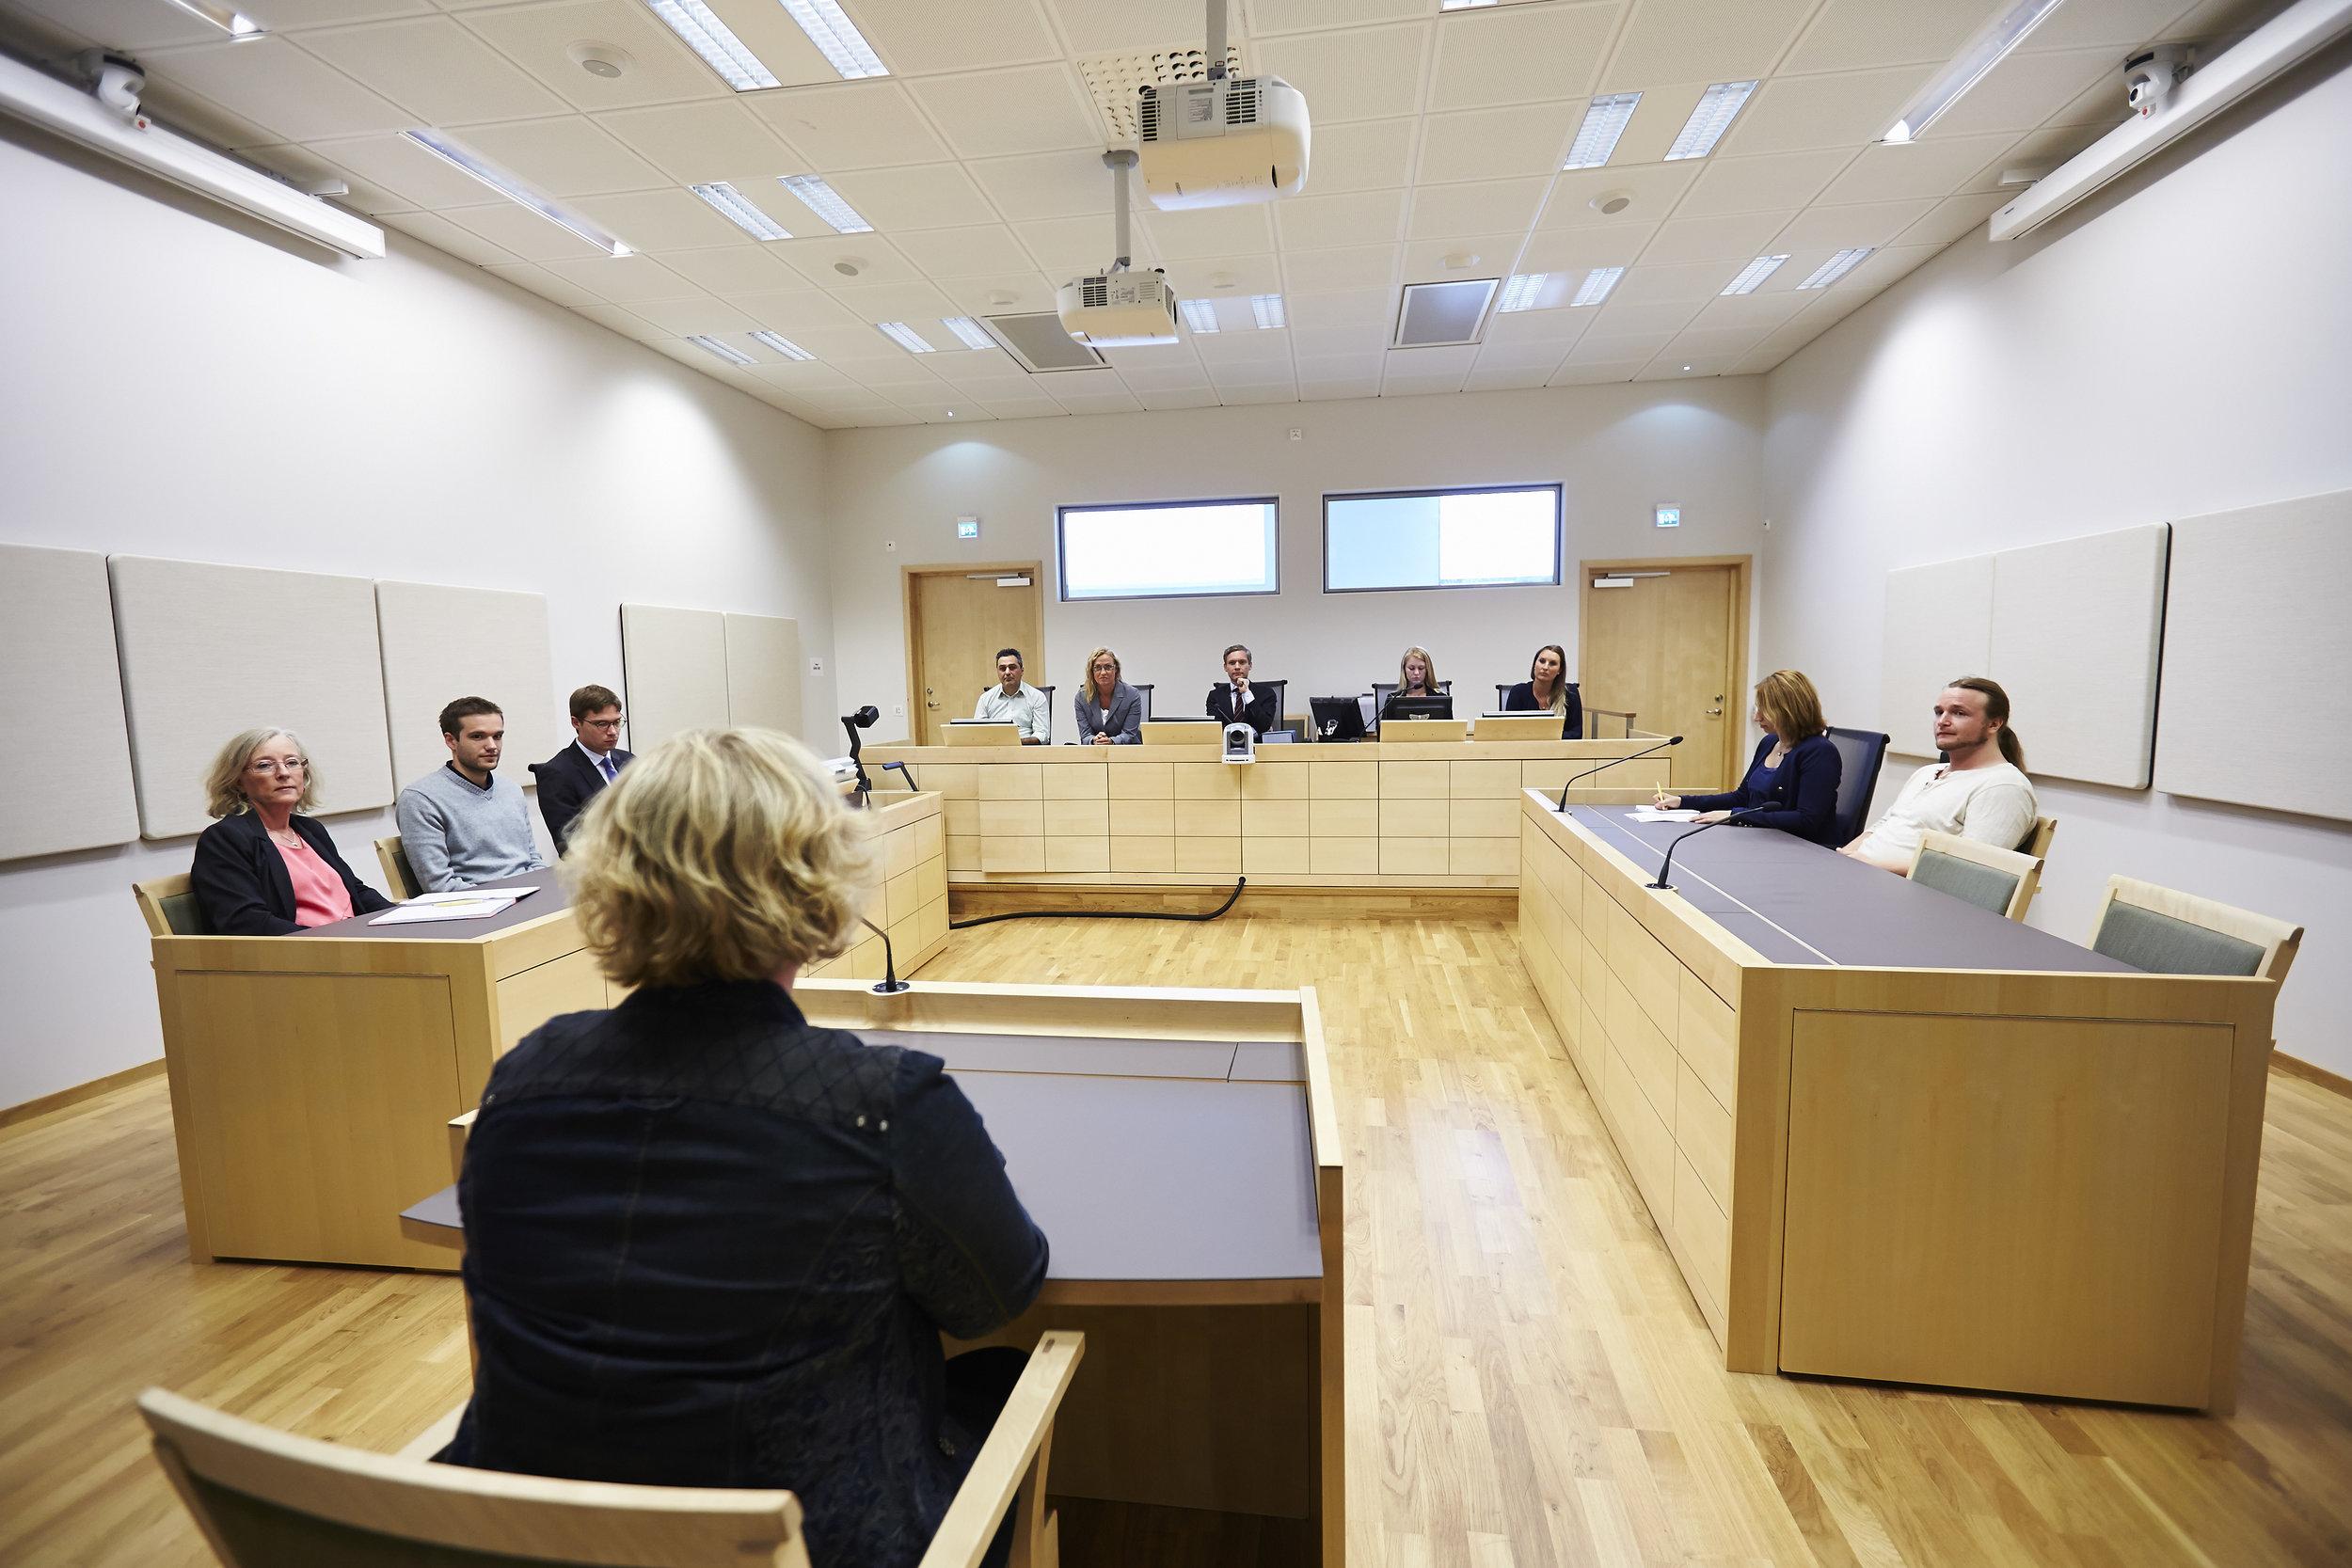 Att använda videokonferenstekniken kan också vara smidigt om parterna befinner sig långt ifrån domstolen. Det är också bra om någon inte vill befinna sig på plats, på grund av rädsla. Fotograf: Ewa Ahlin